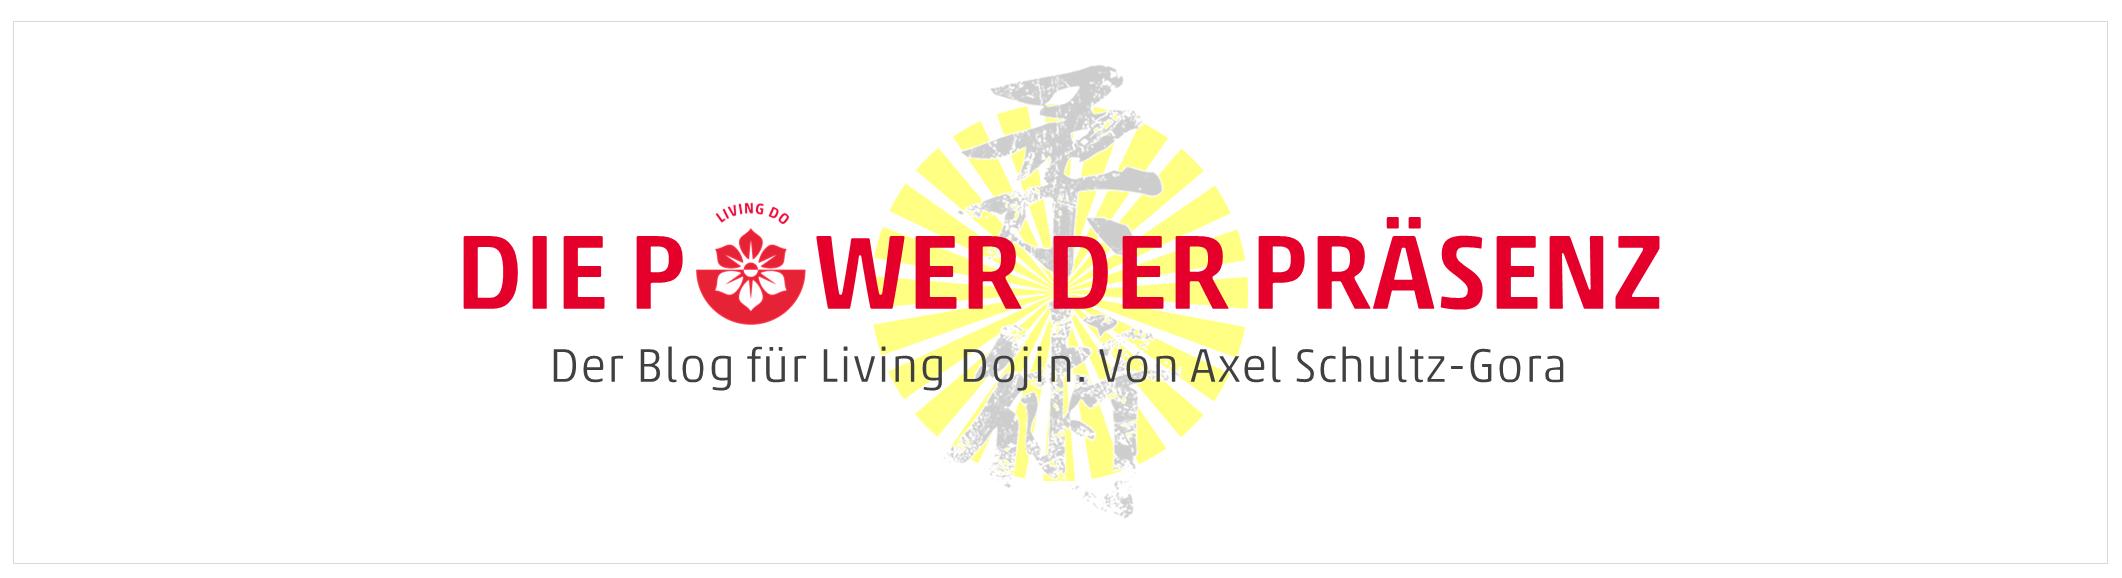 Living Do-Blog_Header